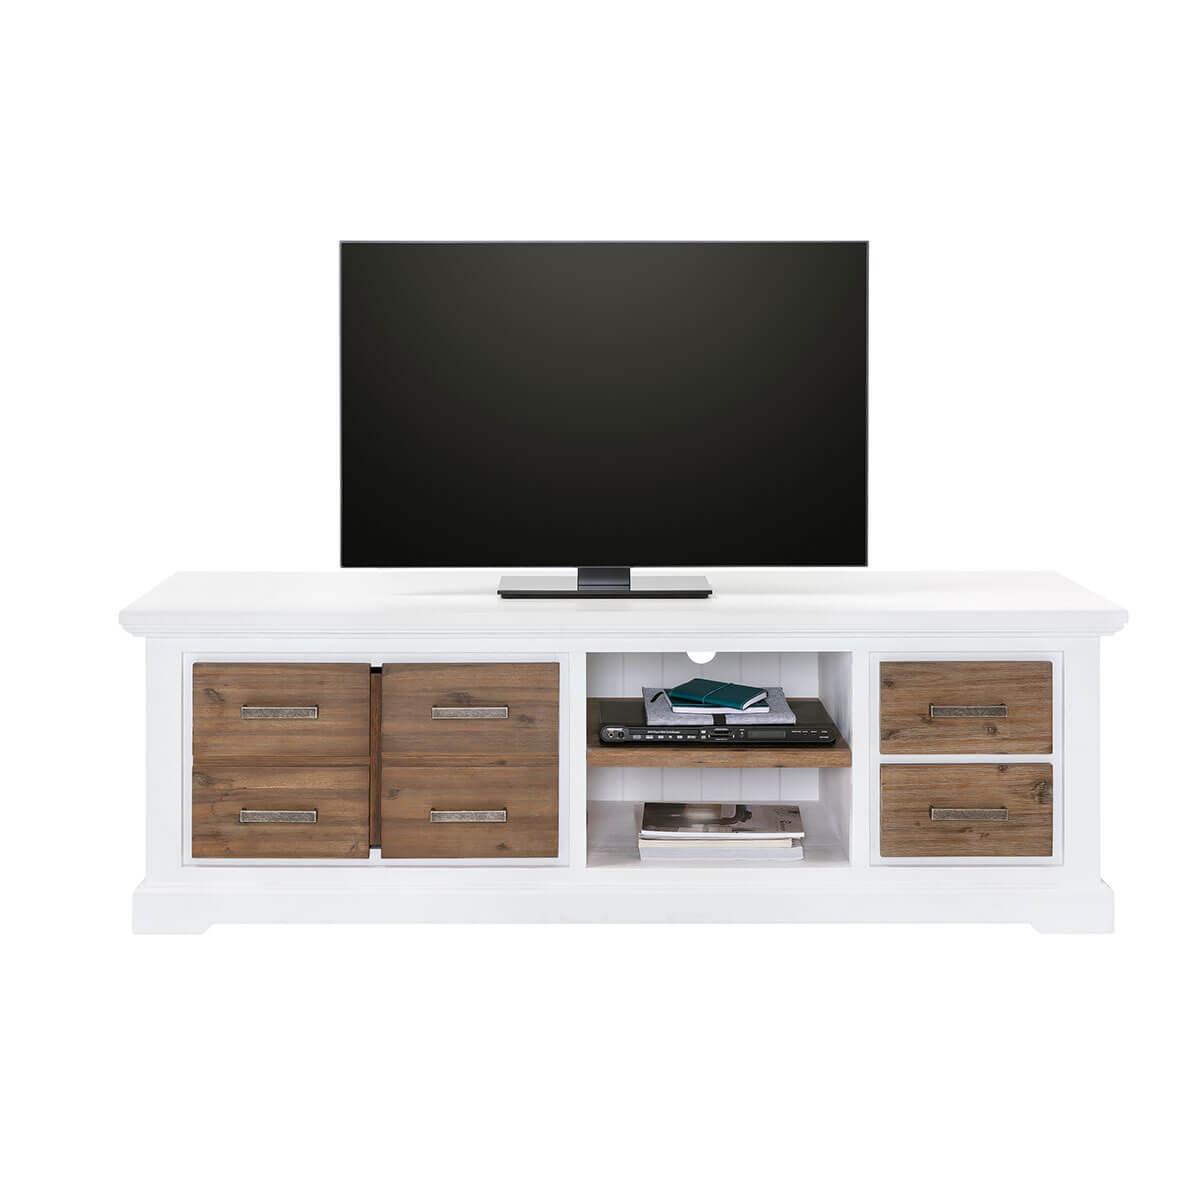 tv lowboard wei braun 180 x 55cm fernsehschrank board landhaus kommode anrichte ebay. Black Bedroom Furniture Sets. Home Design Ideas